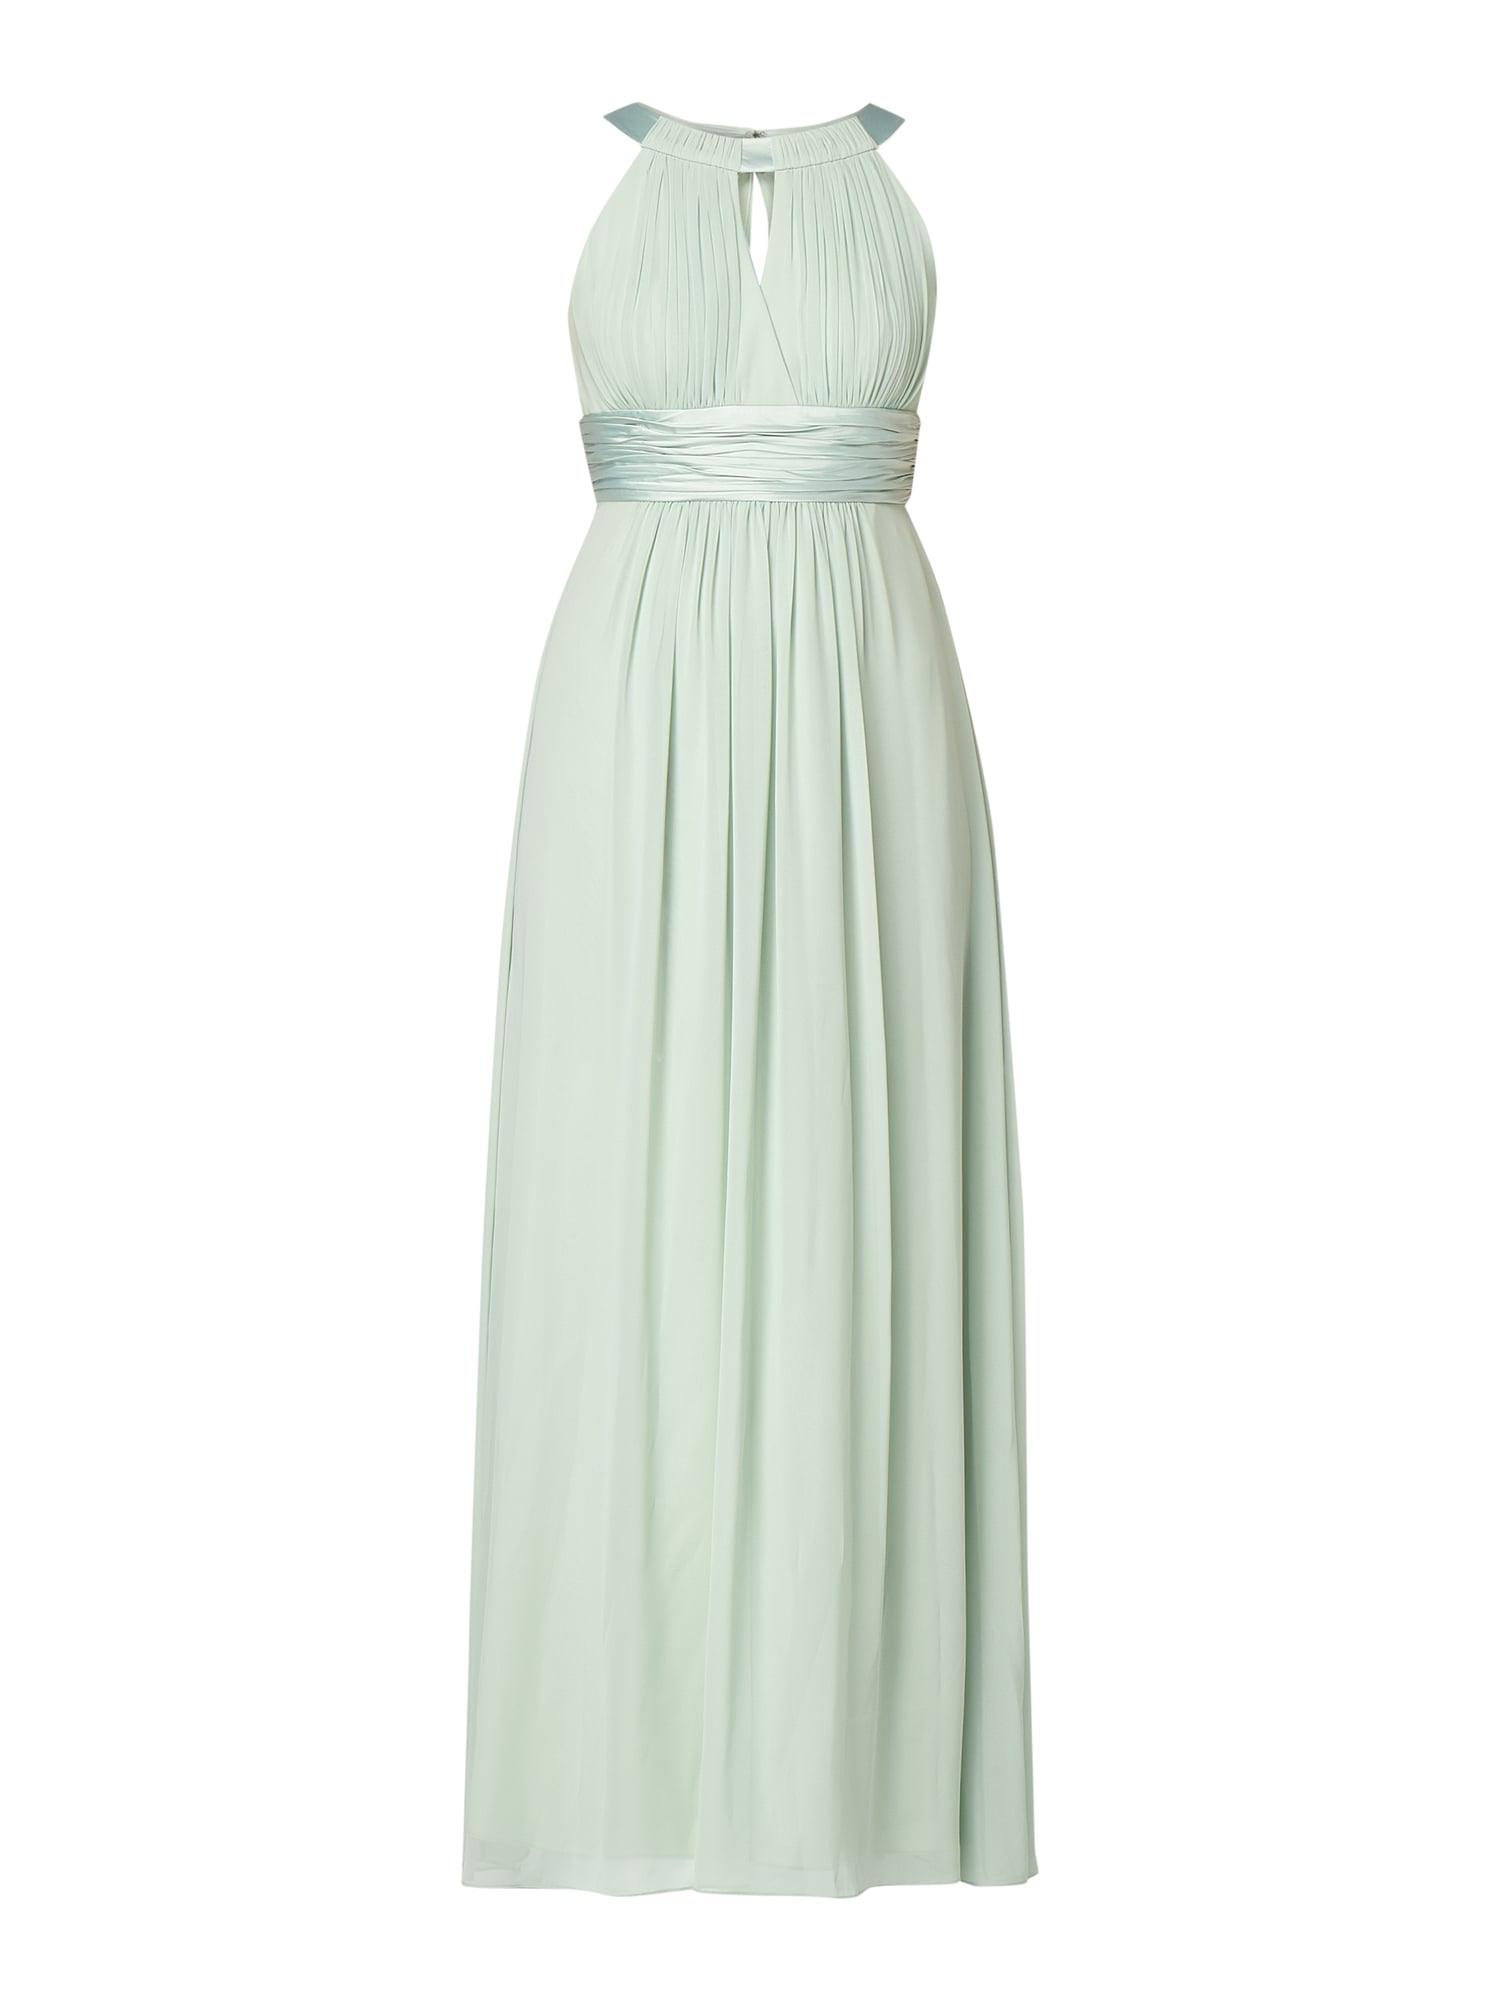 17 Kreativ Jakes Abendkleid SpezialgebietAbend Luxus Jakes Abendkleid Stylish